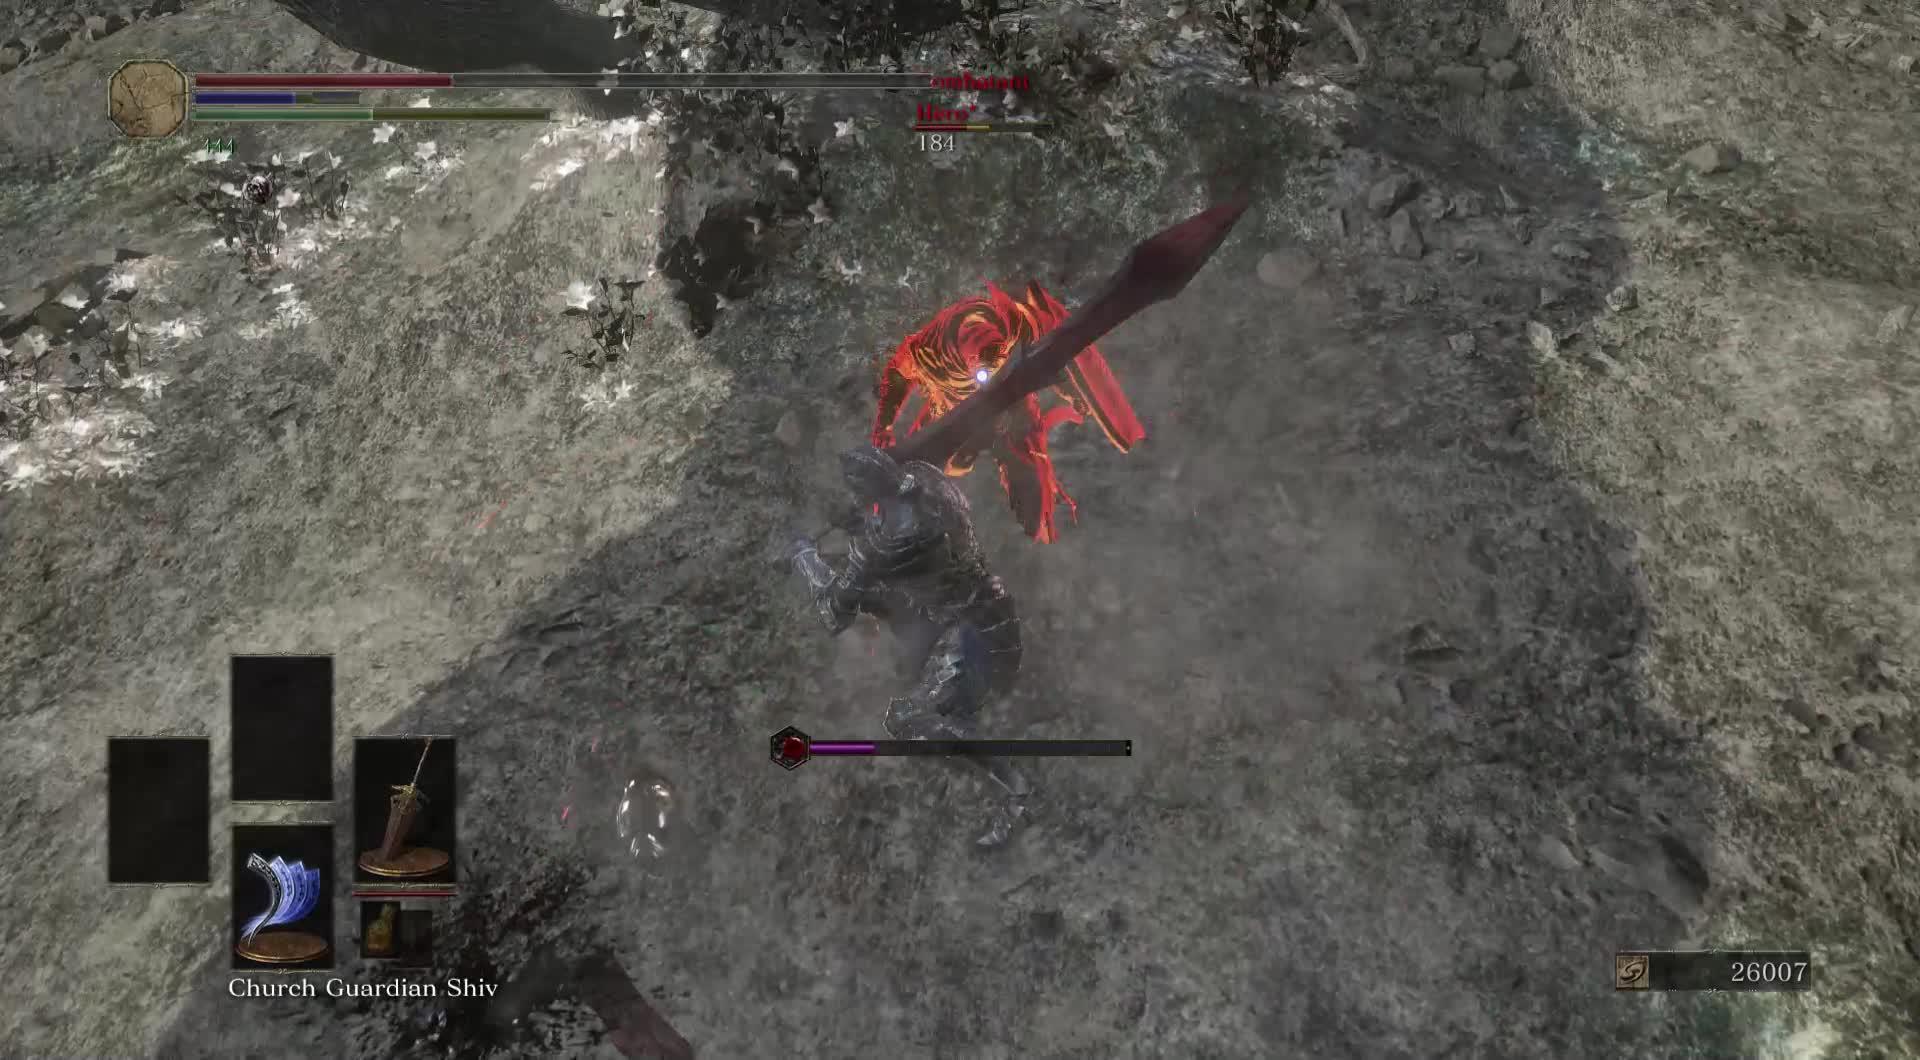 BKG, DarkSouls3, you poor soul GIFs